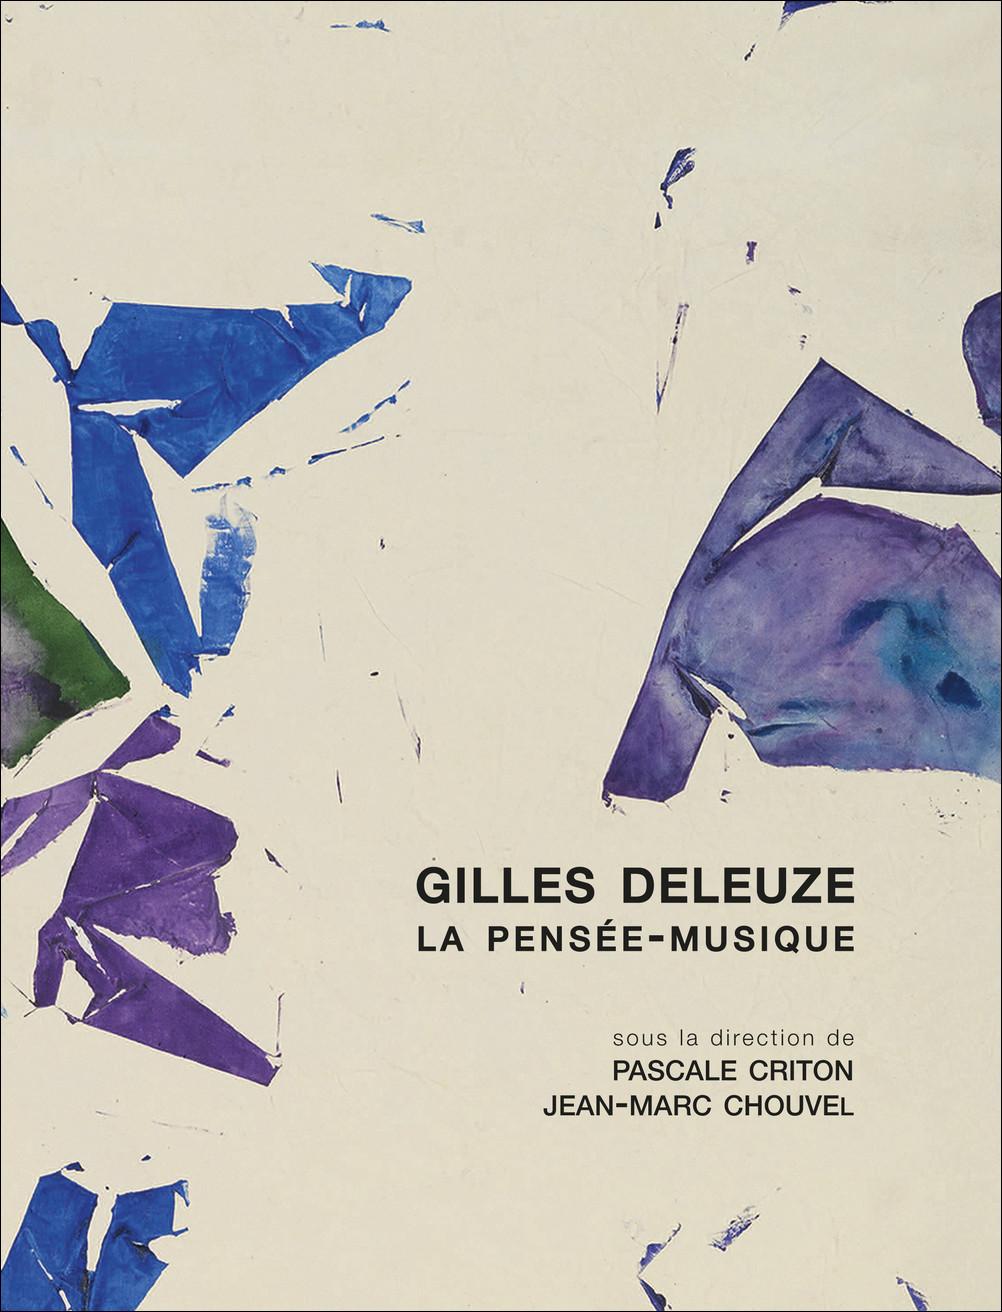 GILLES DELEUZE, LA PENSEE-MUSIQUE